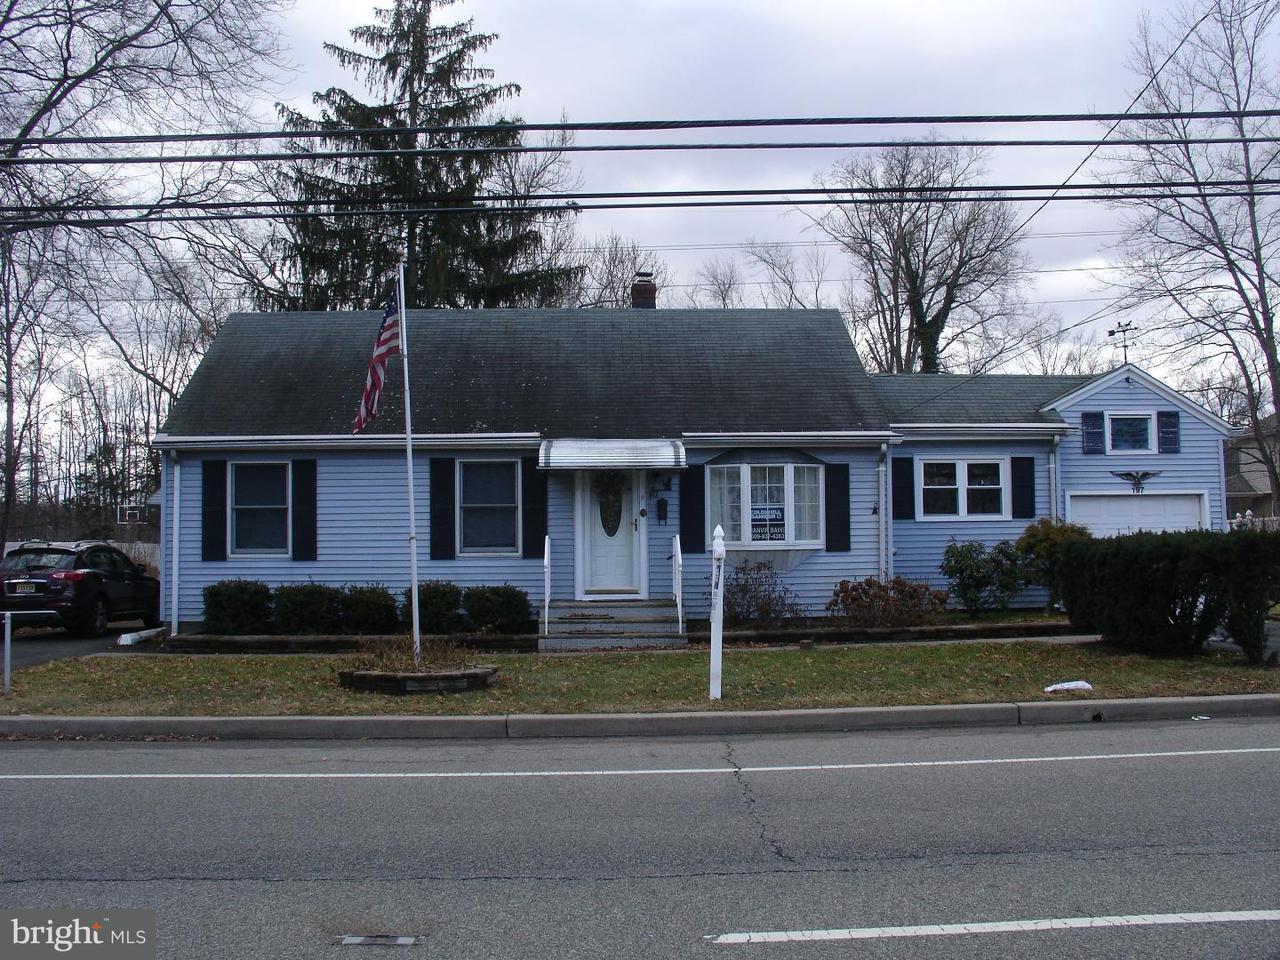 独户住宅 为 出租 在 197 FINNEGAN Lane 南不伦瑞克, 新泽西州 08824 美国在/周边: South Brunswick Township